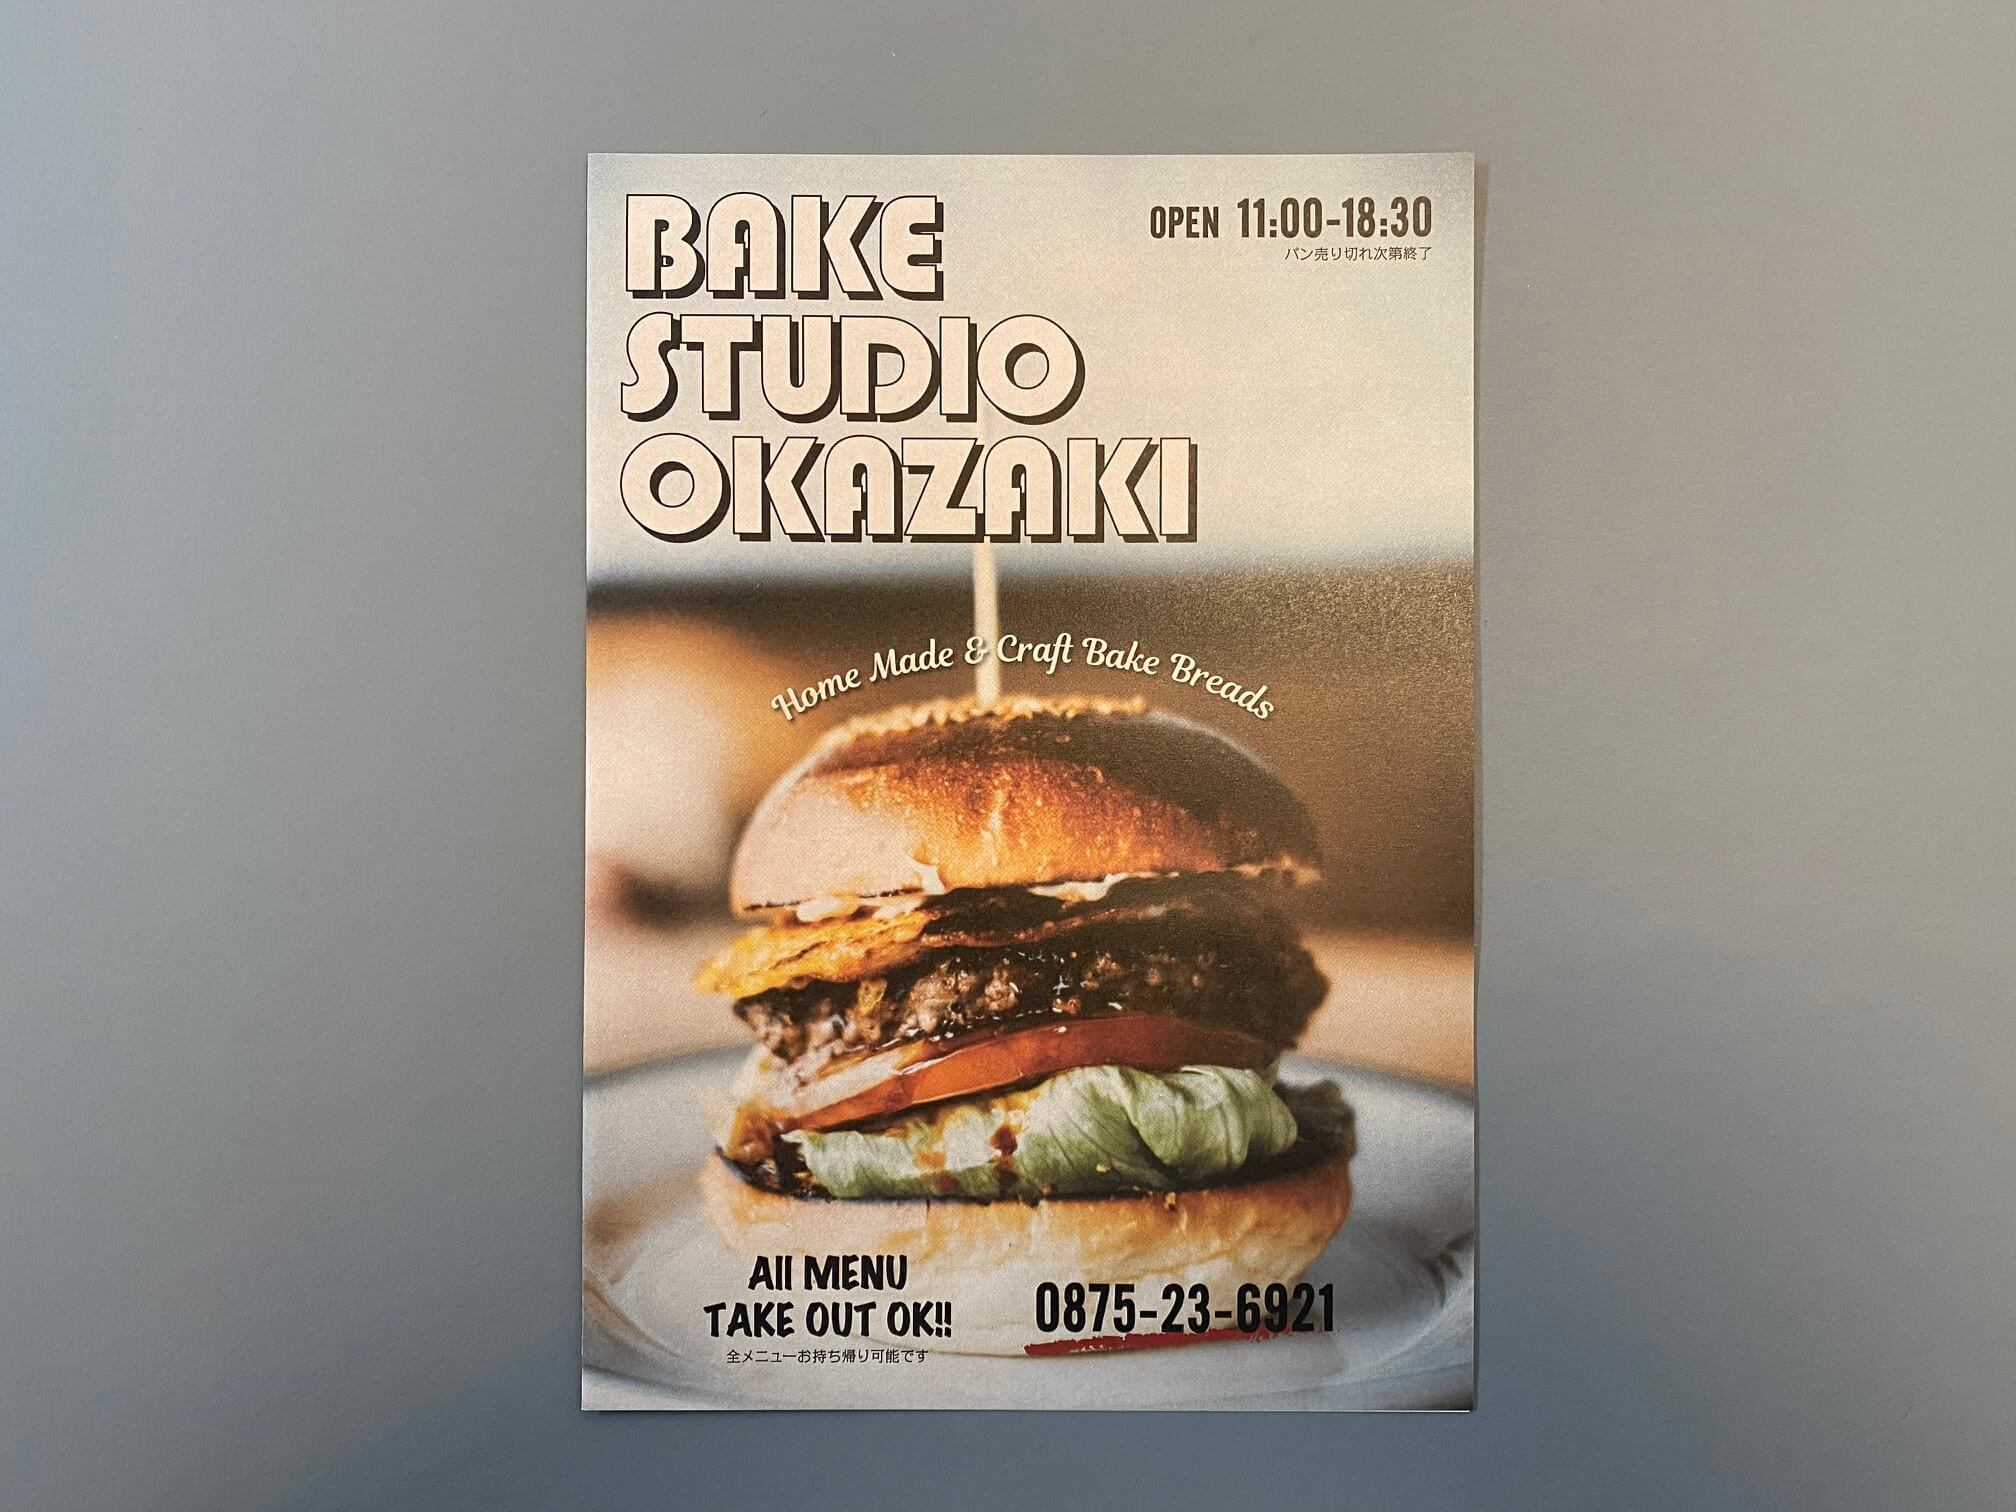 BAKE STUDIO OKAZAKI / 岡崎製パン所。再び…